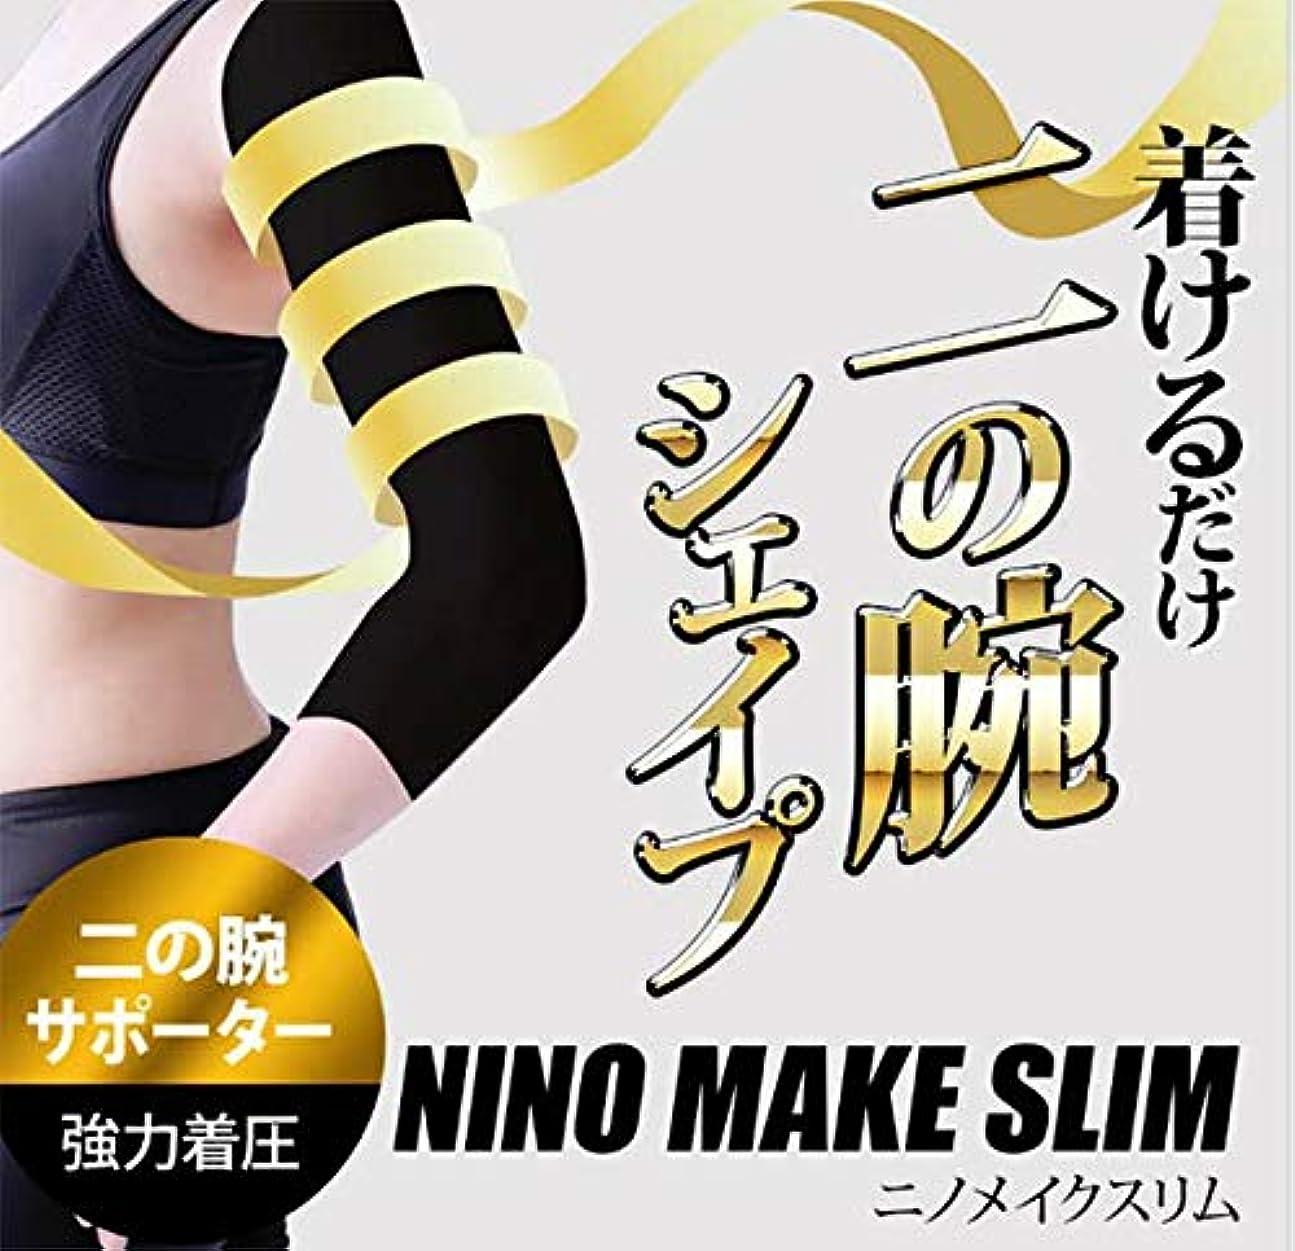 慢なインセンティブ出来事NINO MAKE SLIM(ニノメイクスリム)二の腕 着圧 インナー 猫背 肩甲骨 M~L